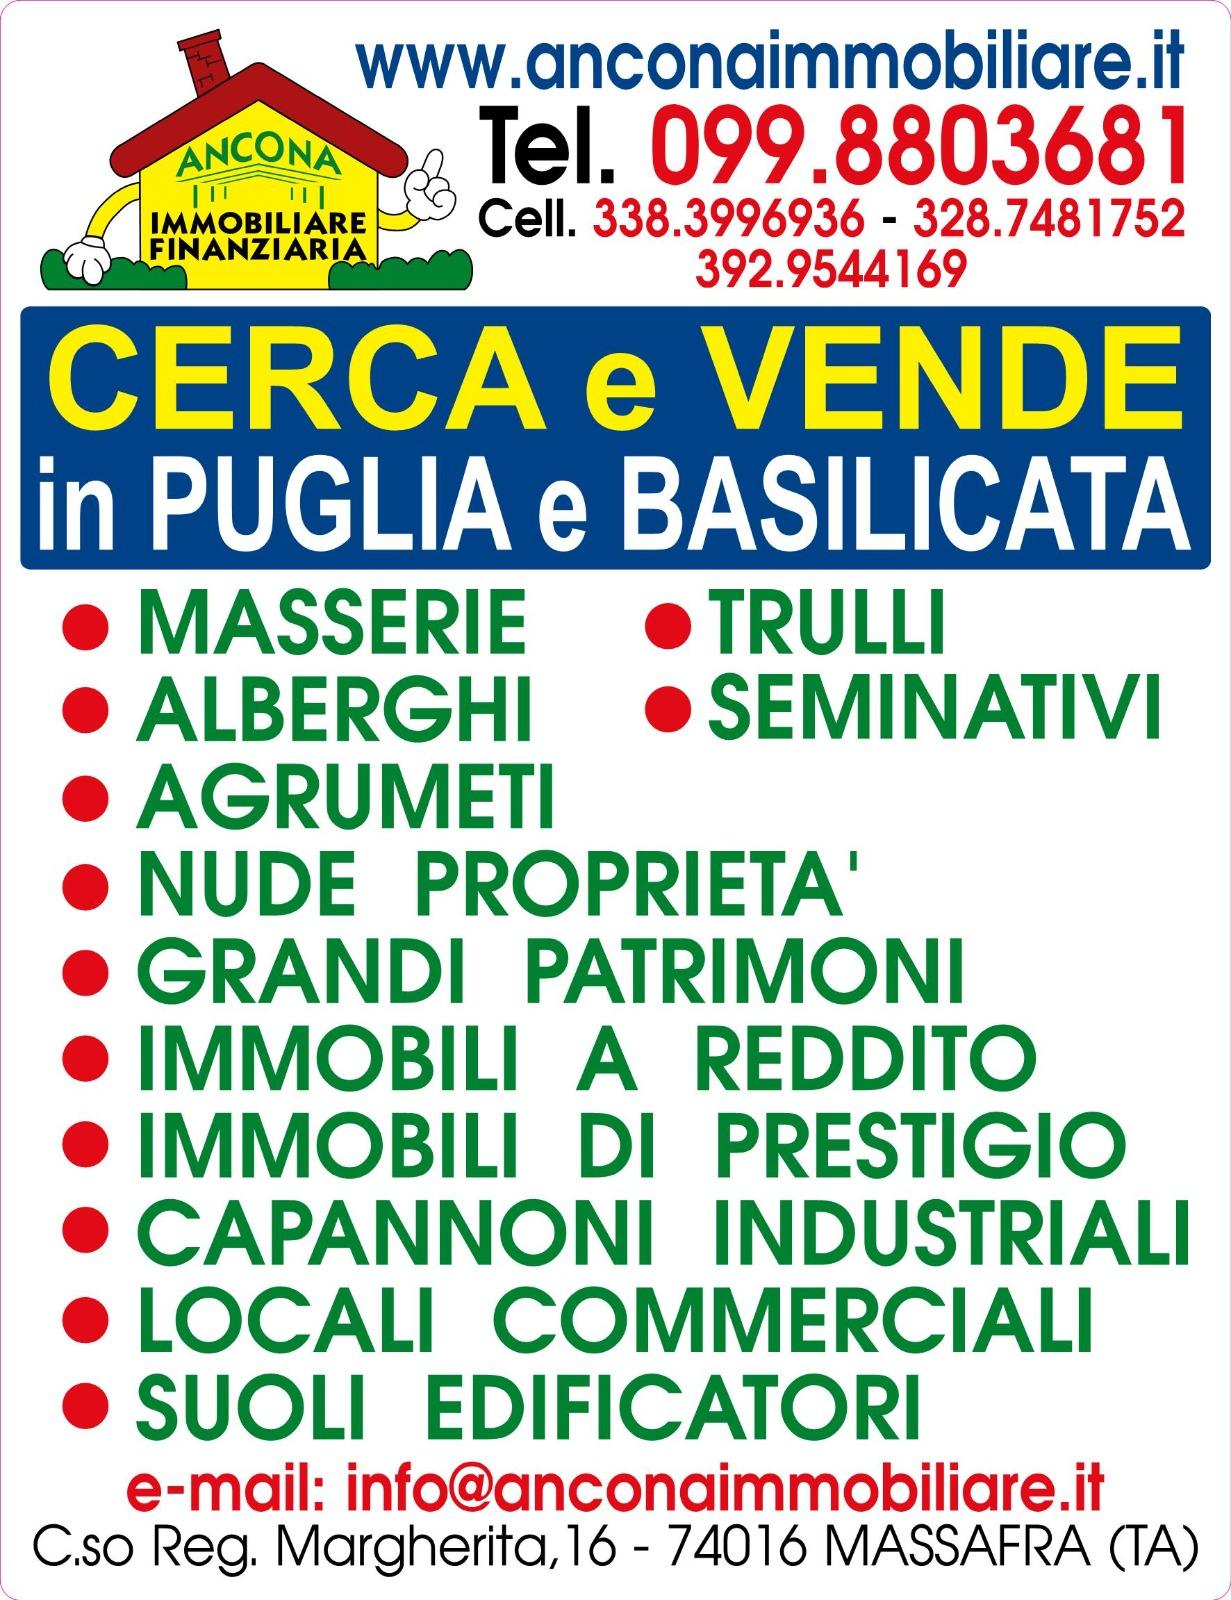 ancona-immobiliare_84_0_1615915328.jpg